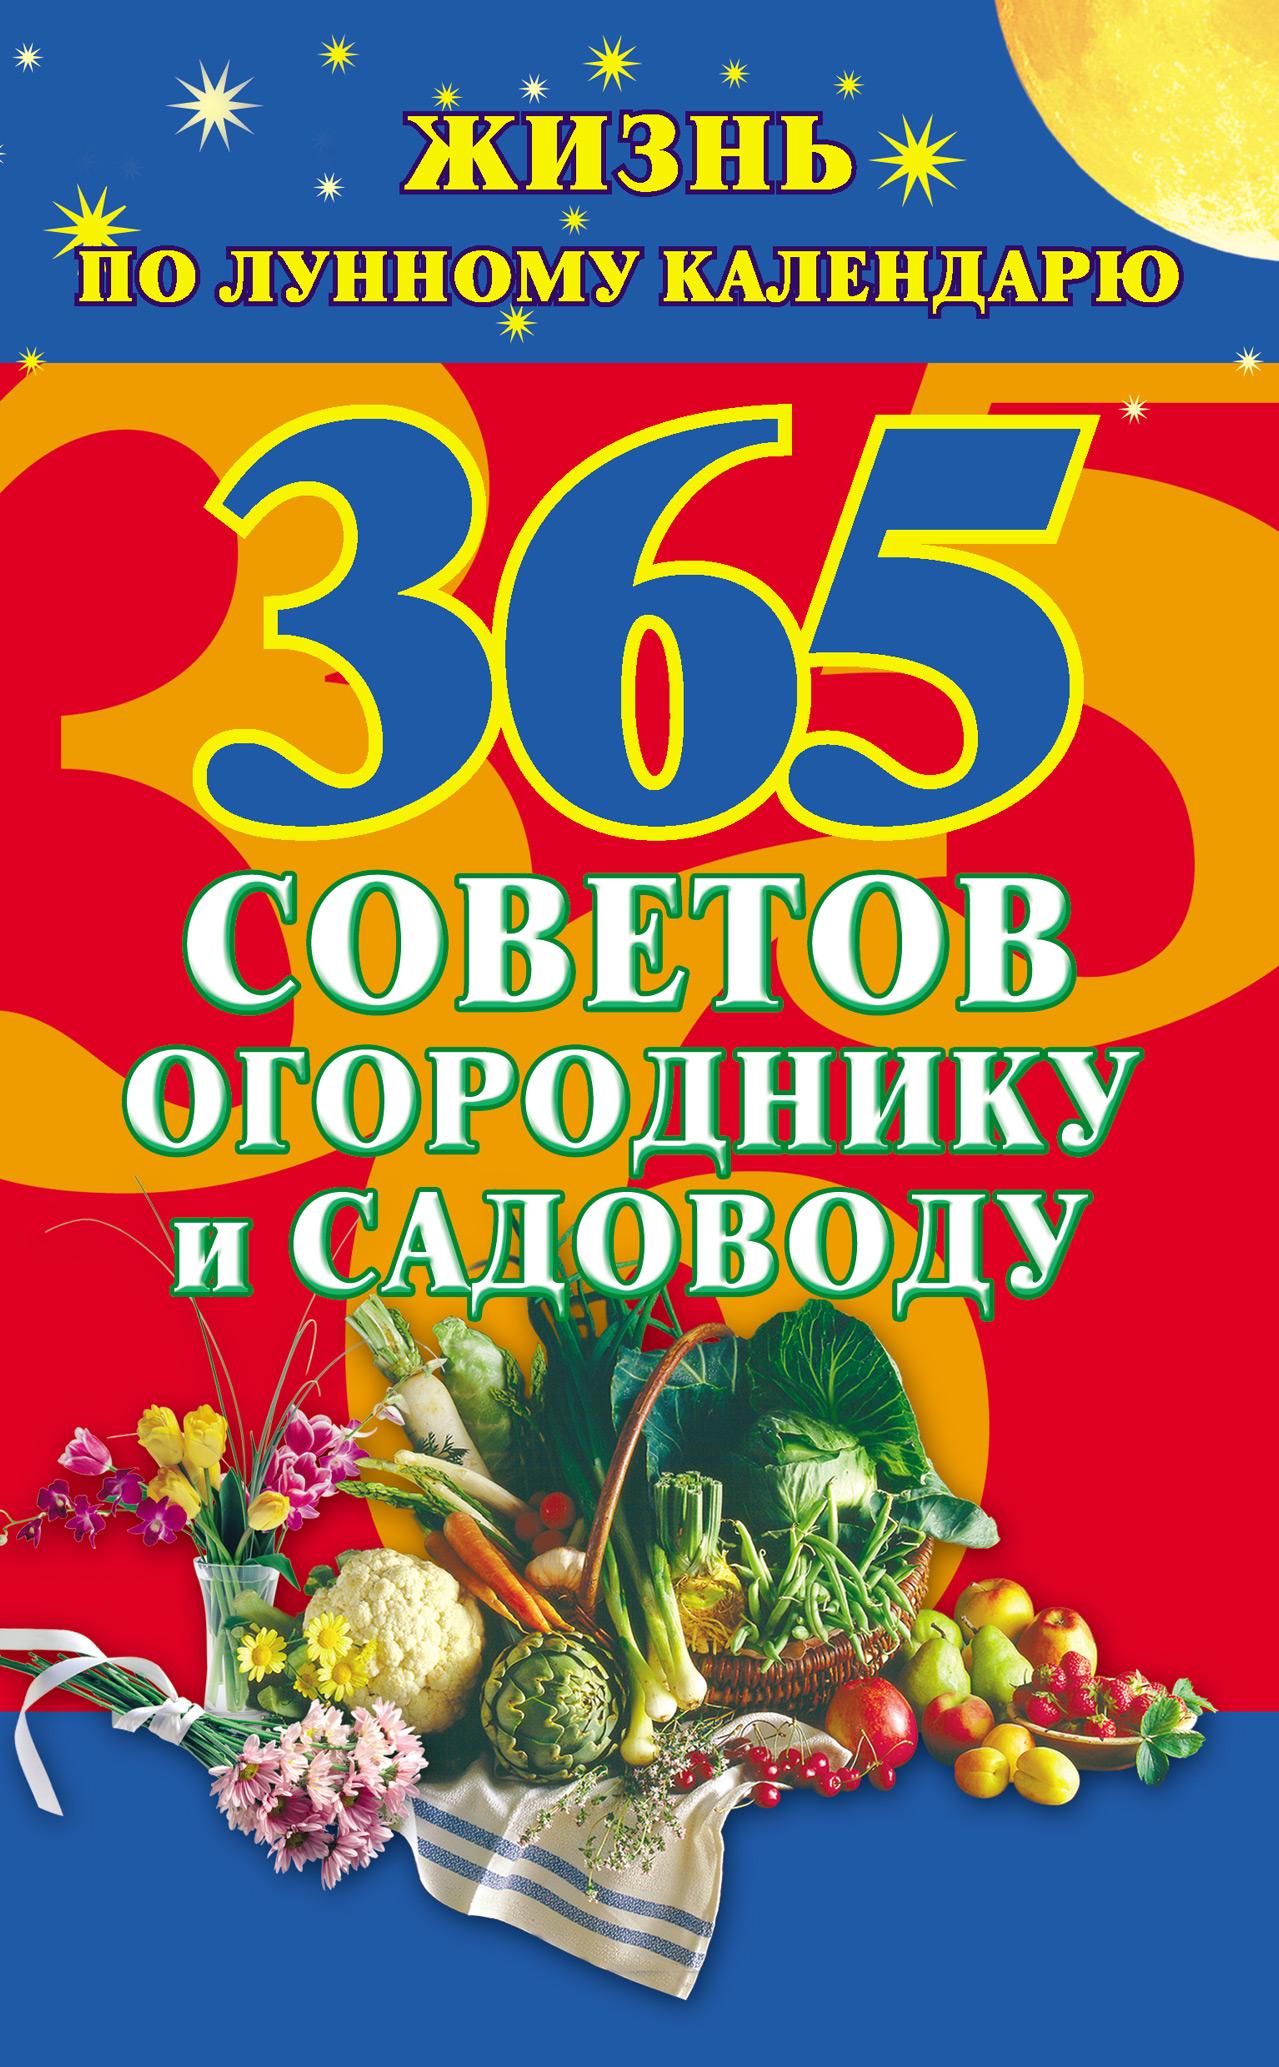 Отсутствует 365 советов огороднику и садоводу. Жизнь по лунному календарю галина кизима 5000 советов огороднику и садоводу новый взгляд на дачу и урожай